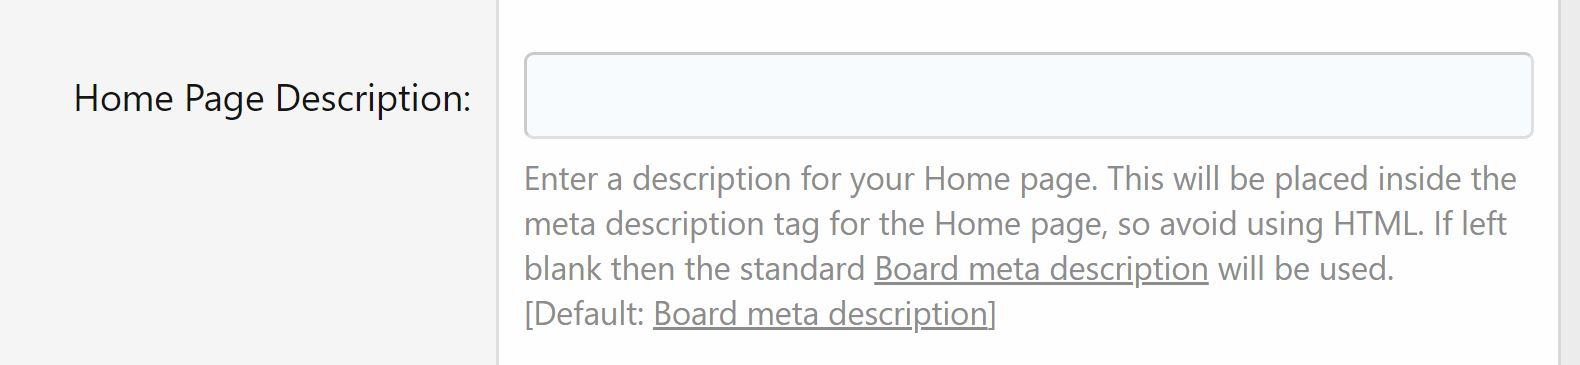 Option - Home Page Description.JPG